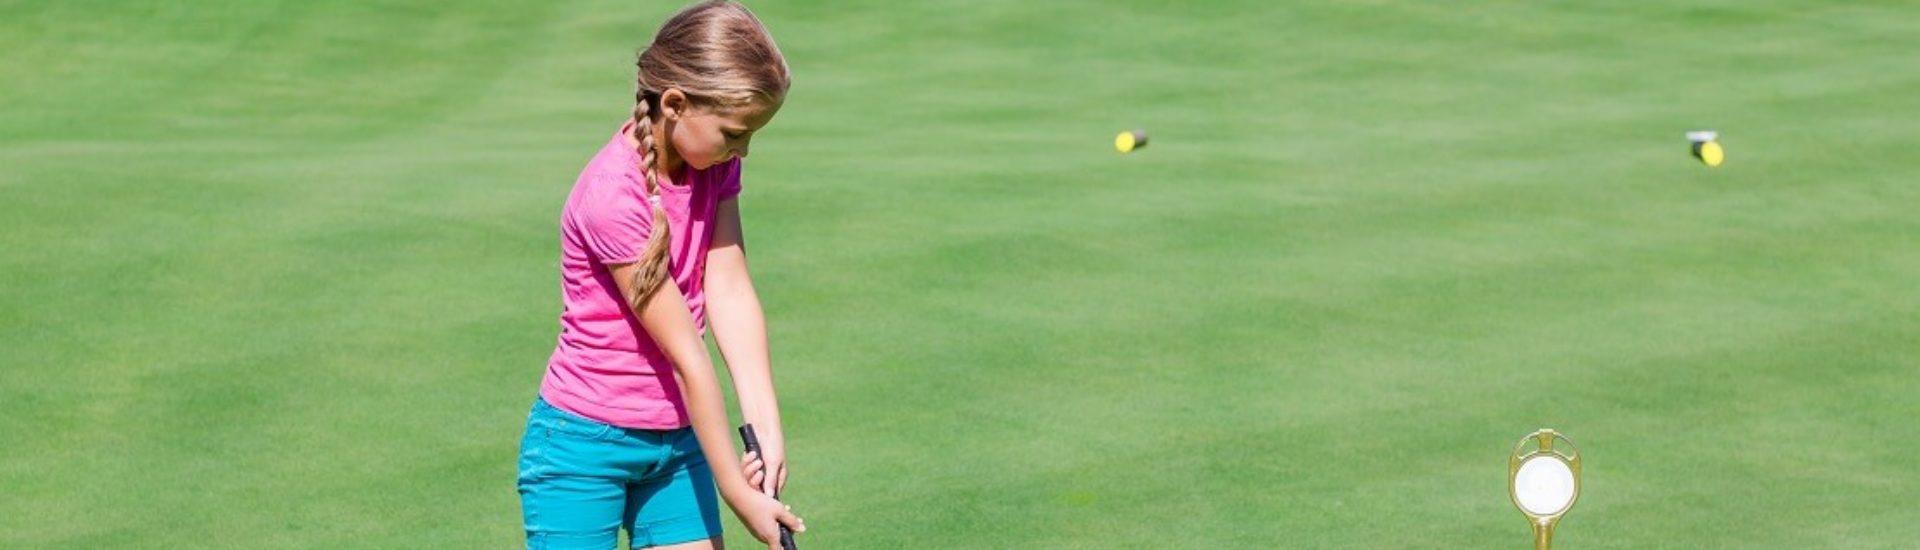 LPGA Leadership Academy fördert junge Golferinnen